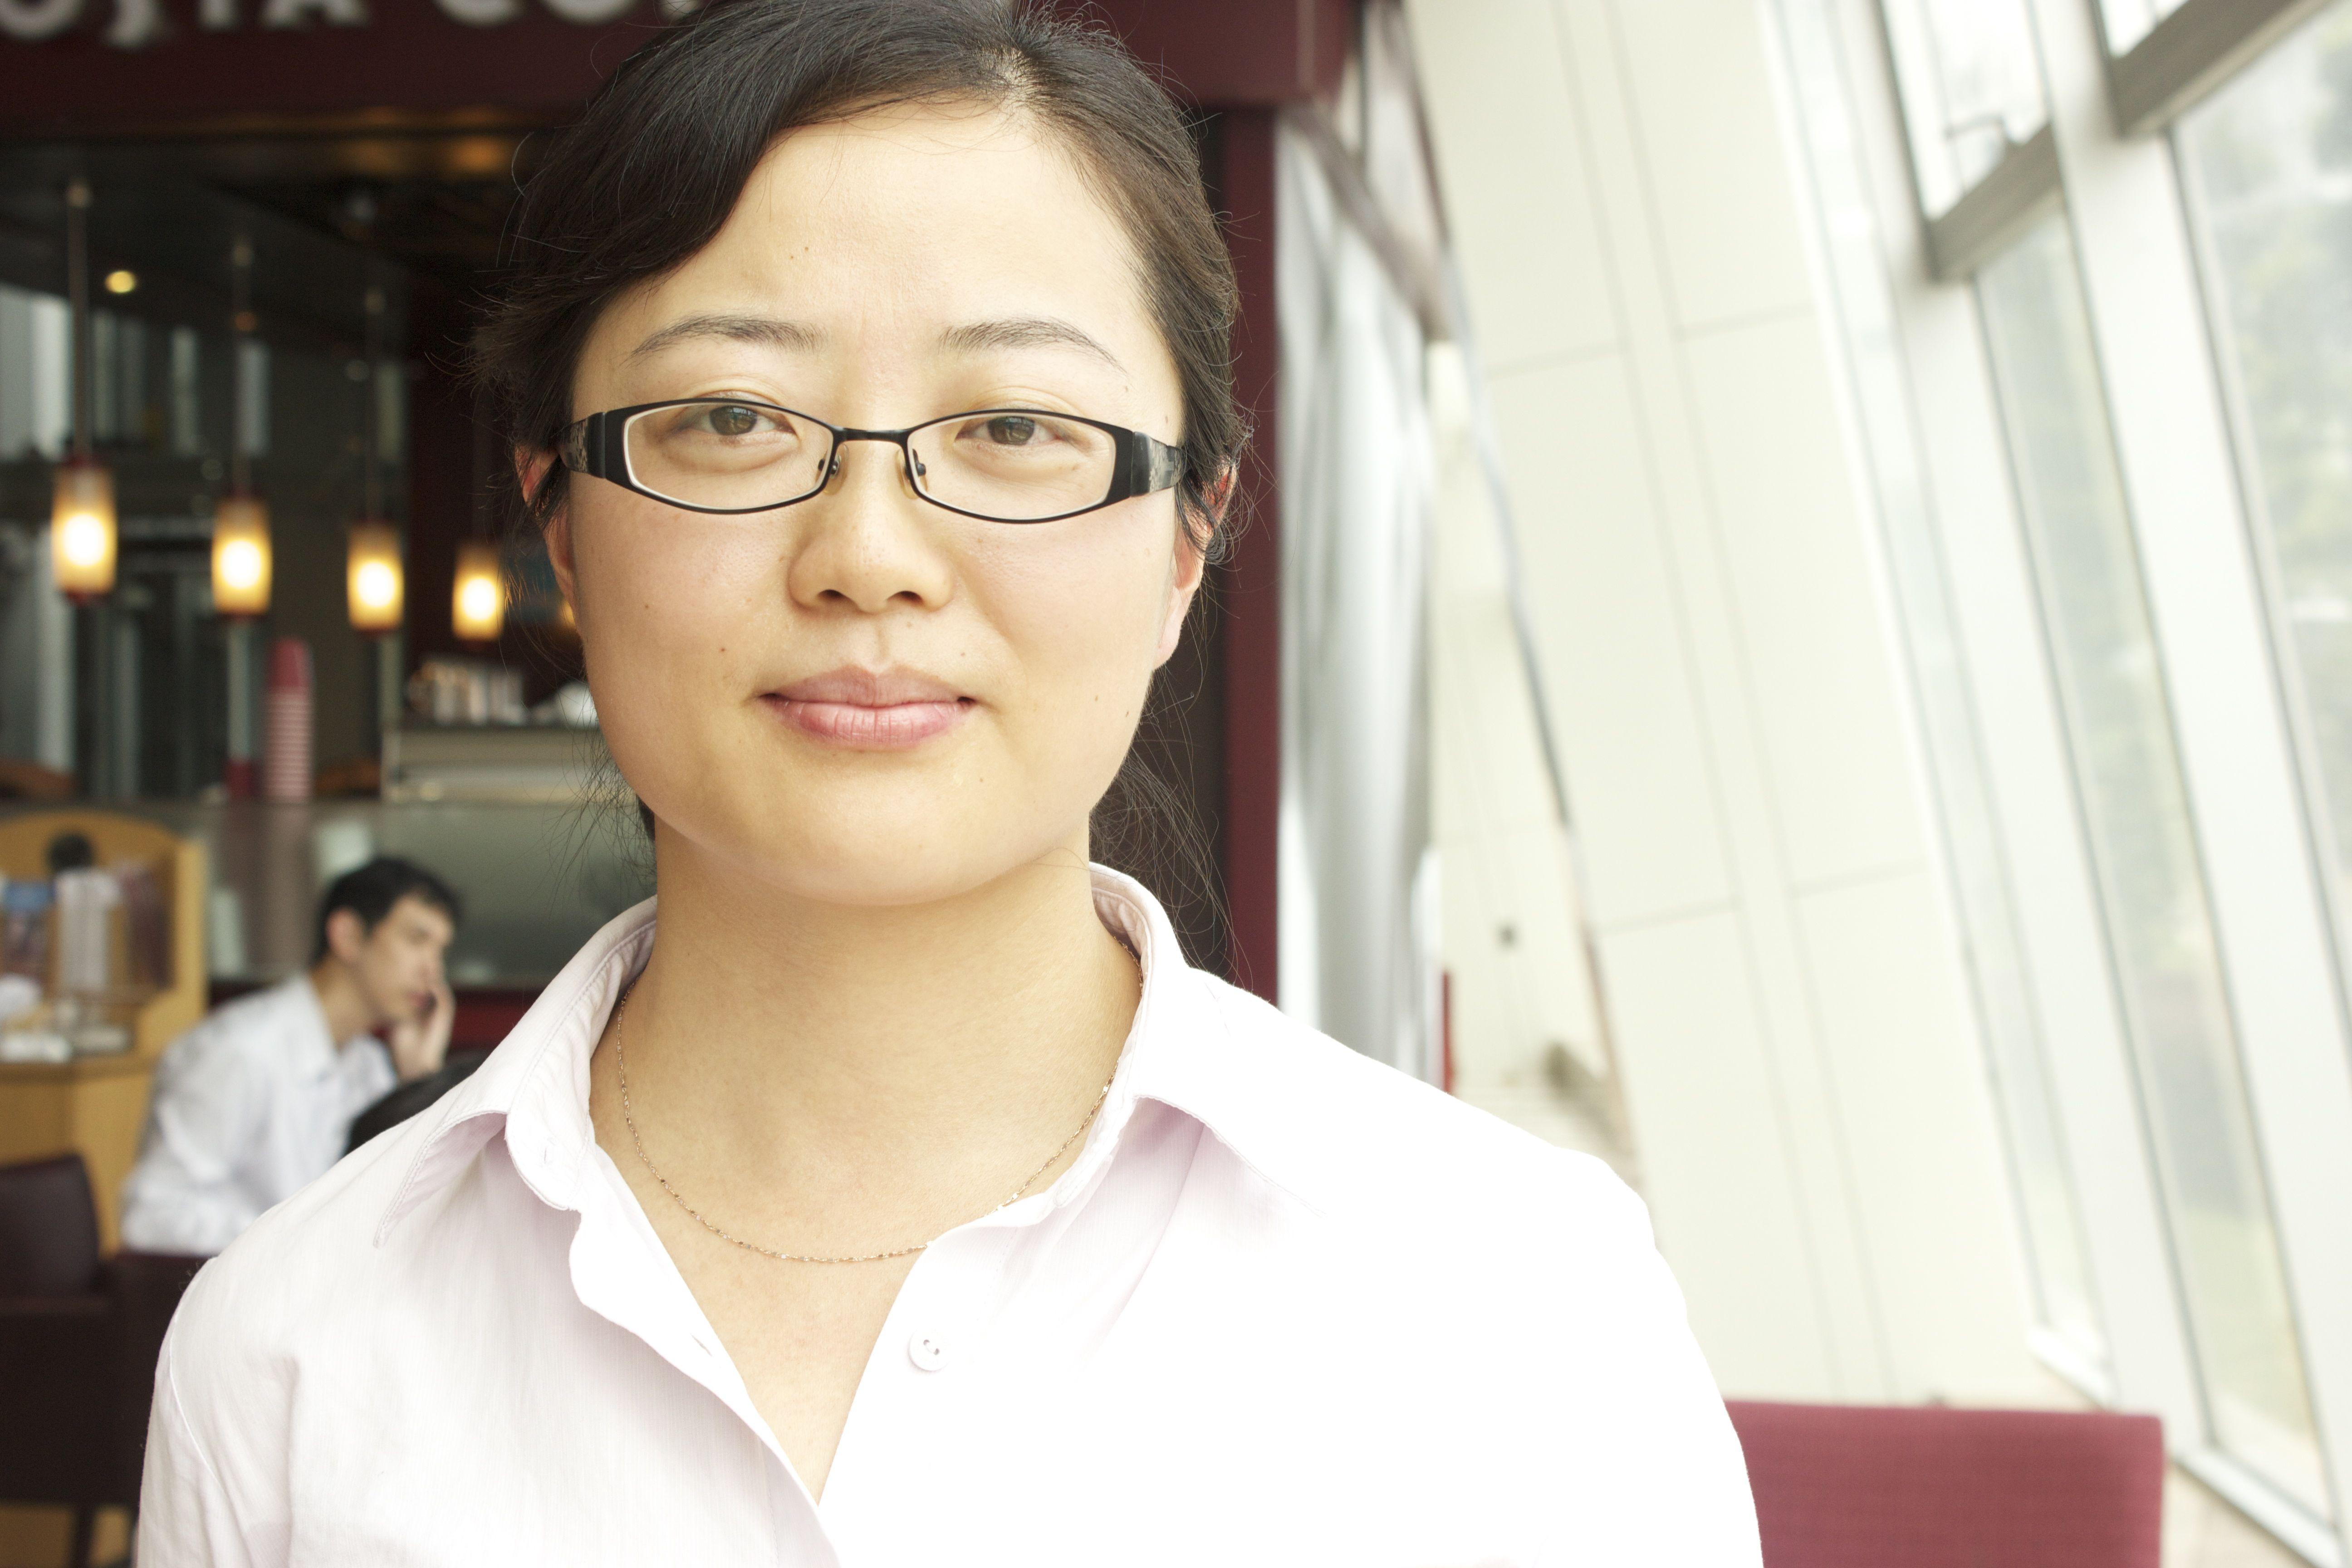 Sheng nu dating